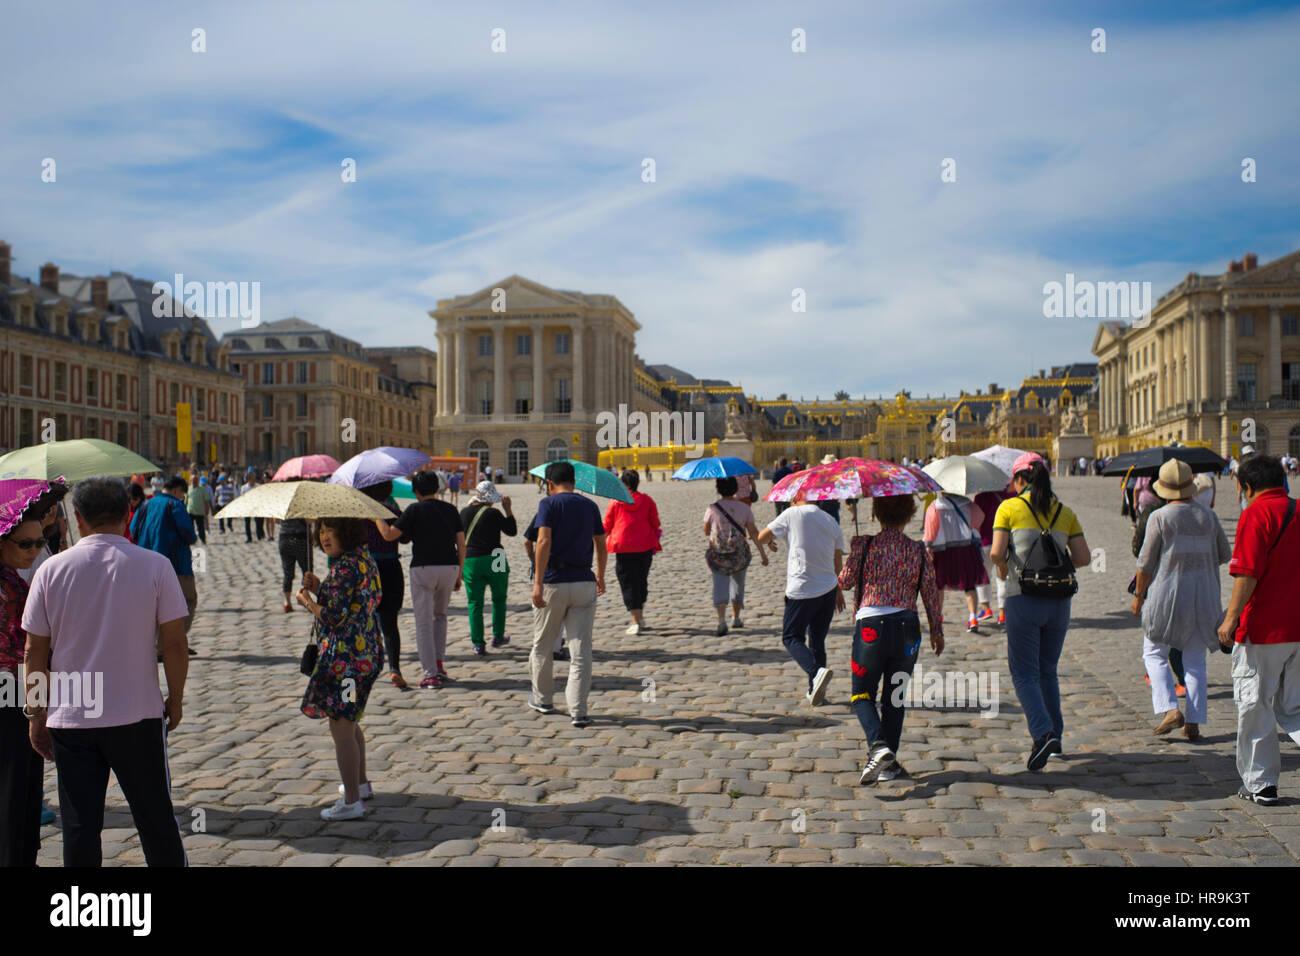 Un groupe de touristes asiatiques en face du palais de Versailles Banque D'Images